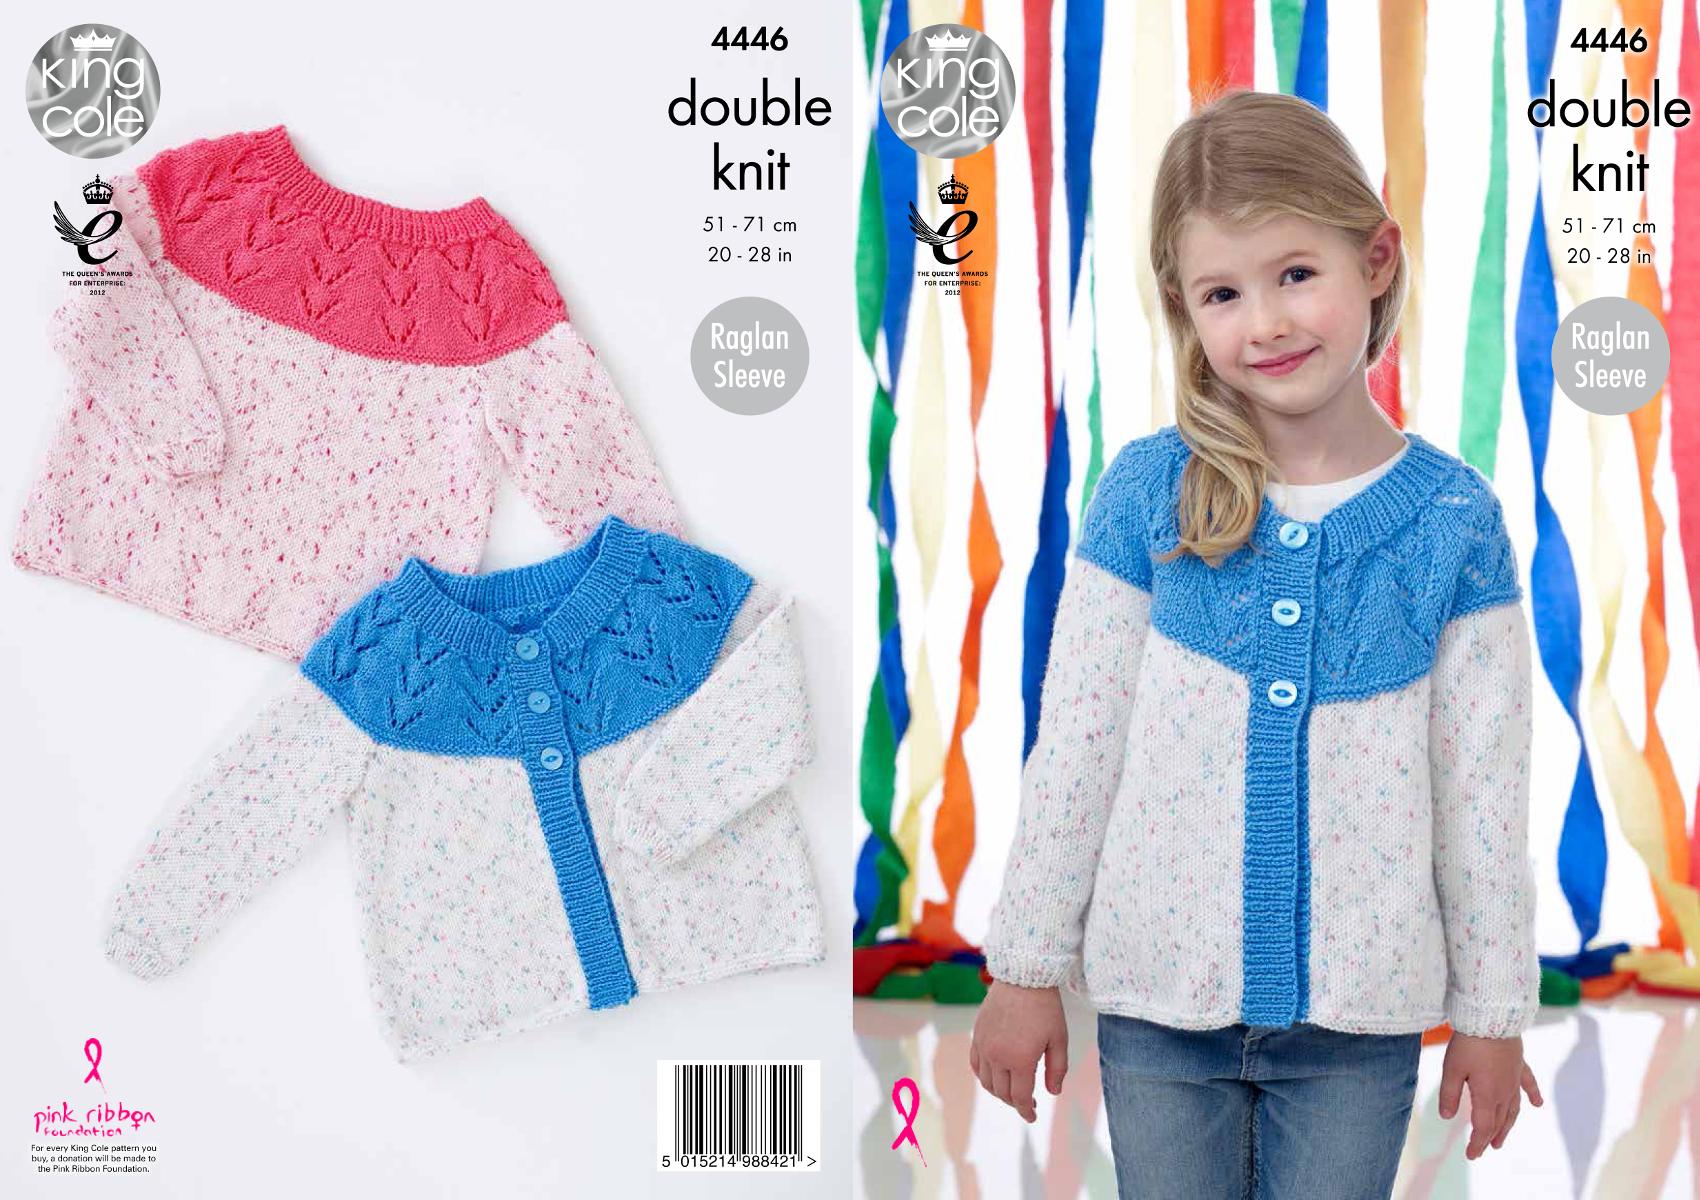 King cole girls knitting pattern lace yoke cardigan sweater king cole girls knitting pattern lace yoke cardigan sweater smarty dk 4446 bankloansurffo Images